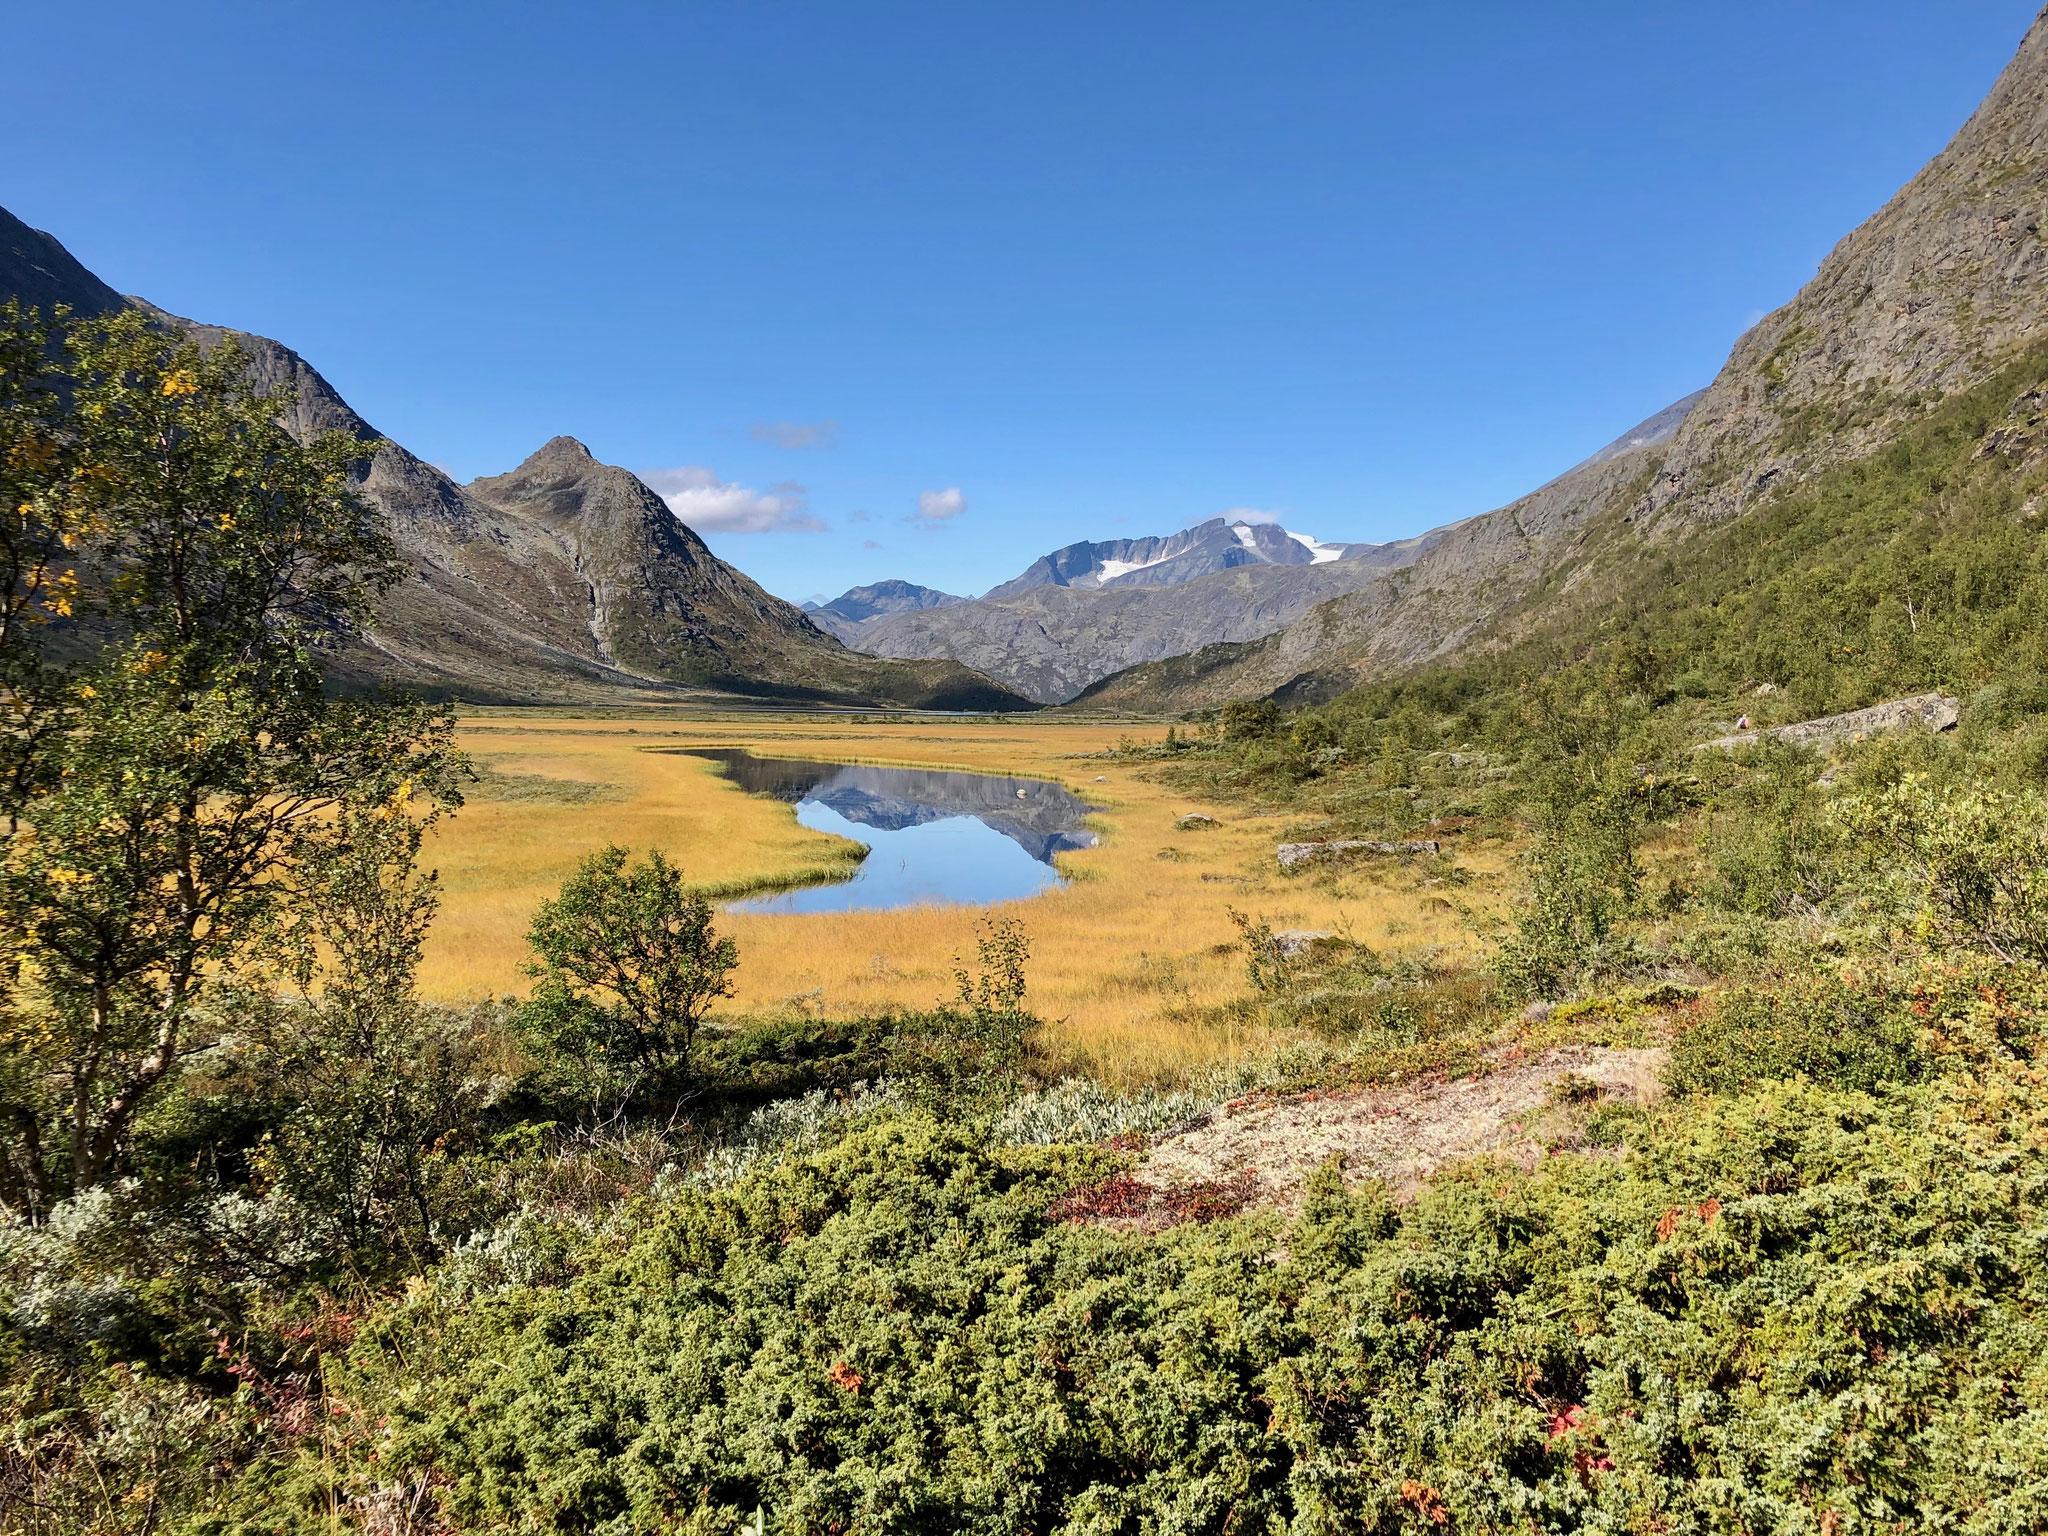 Das Wasser war ruhig und so spiegelten sich die Berge darin.